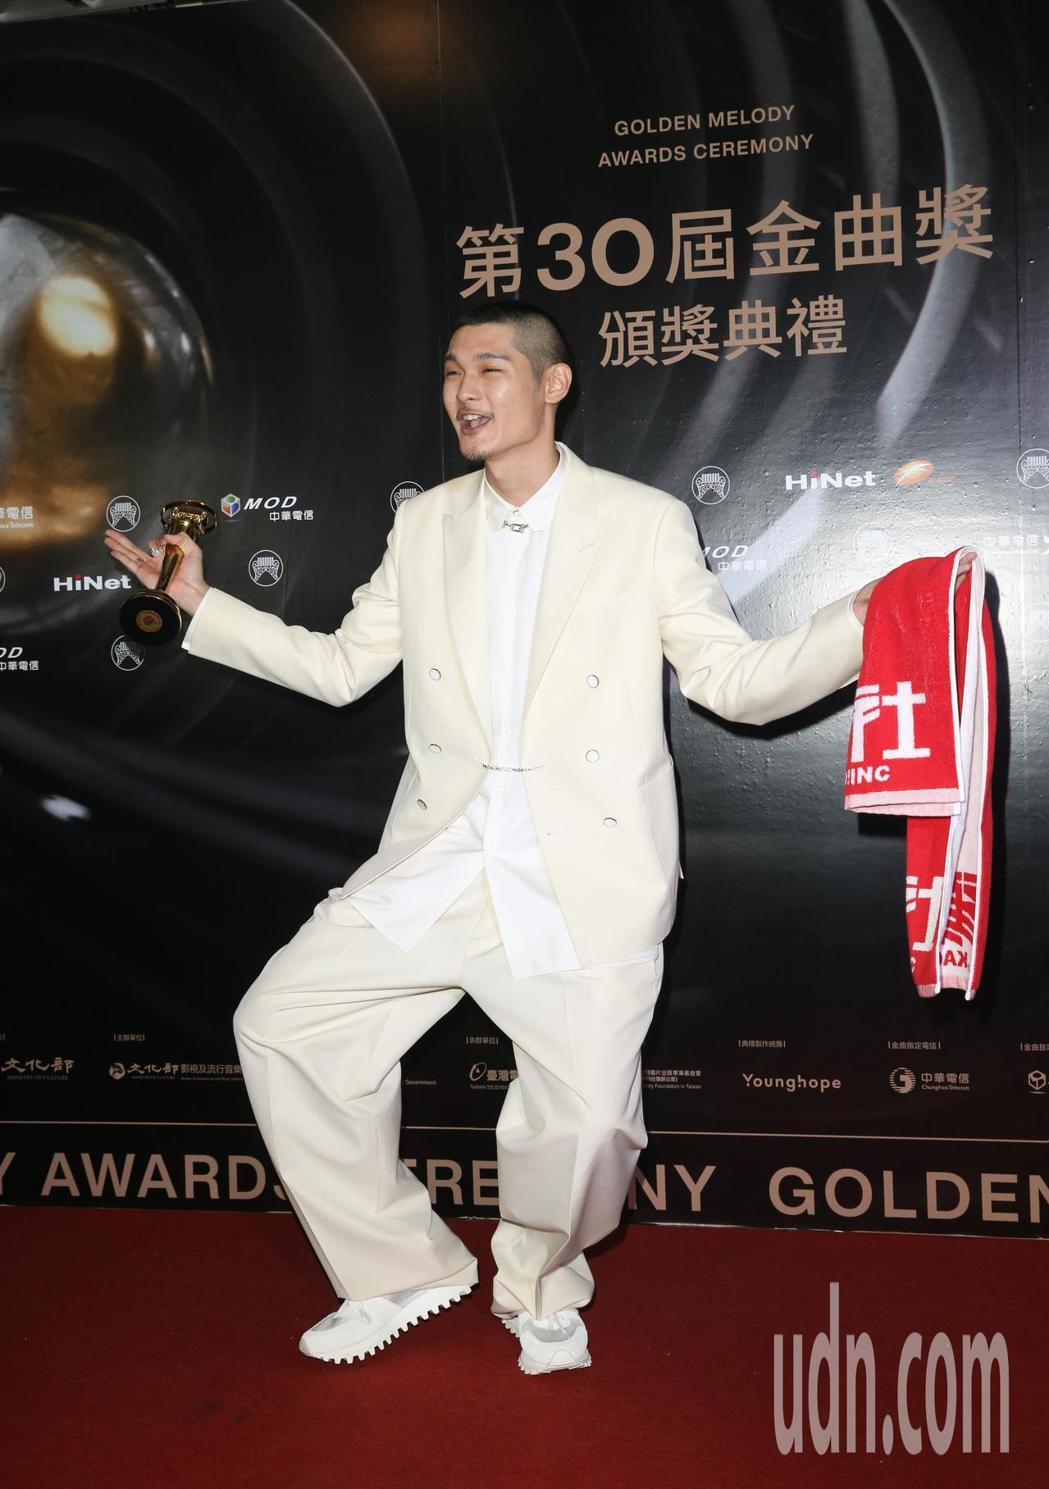 第30屆金曲獎,最佳國語男歌手獎由Leo王獲得。記者葉信菉/攝影